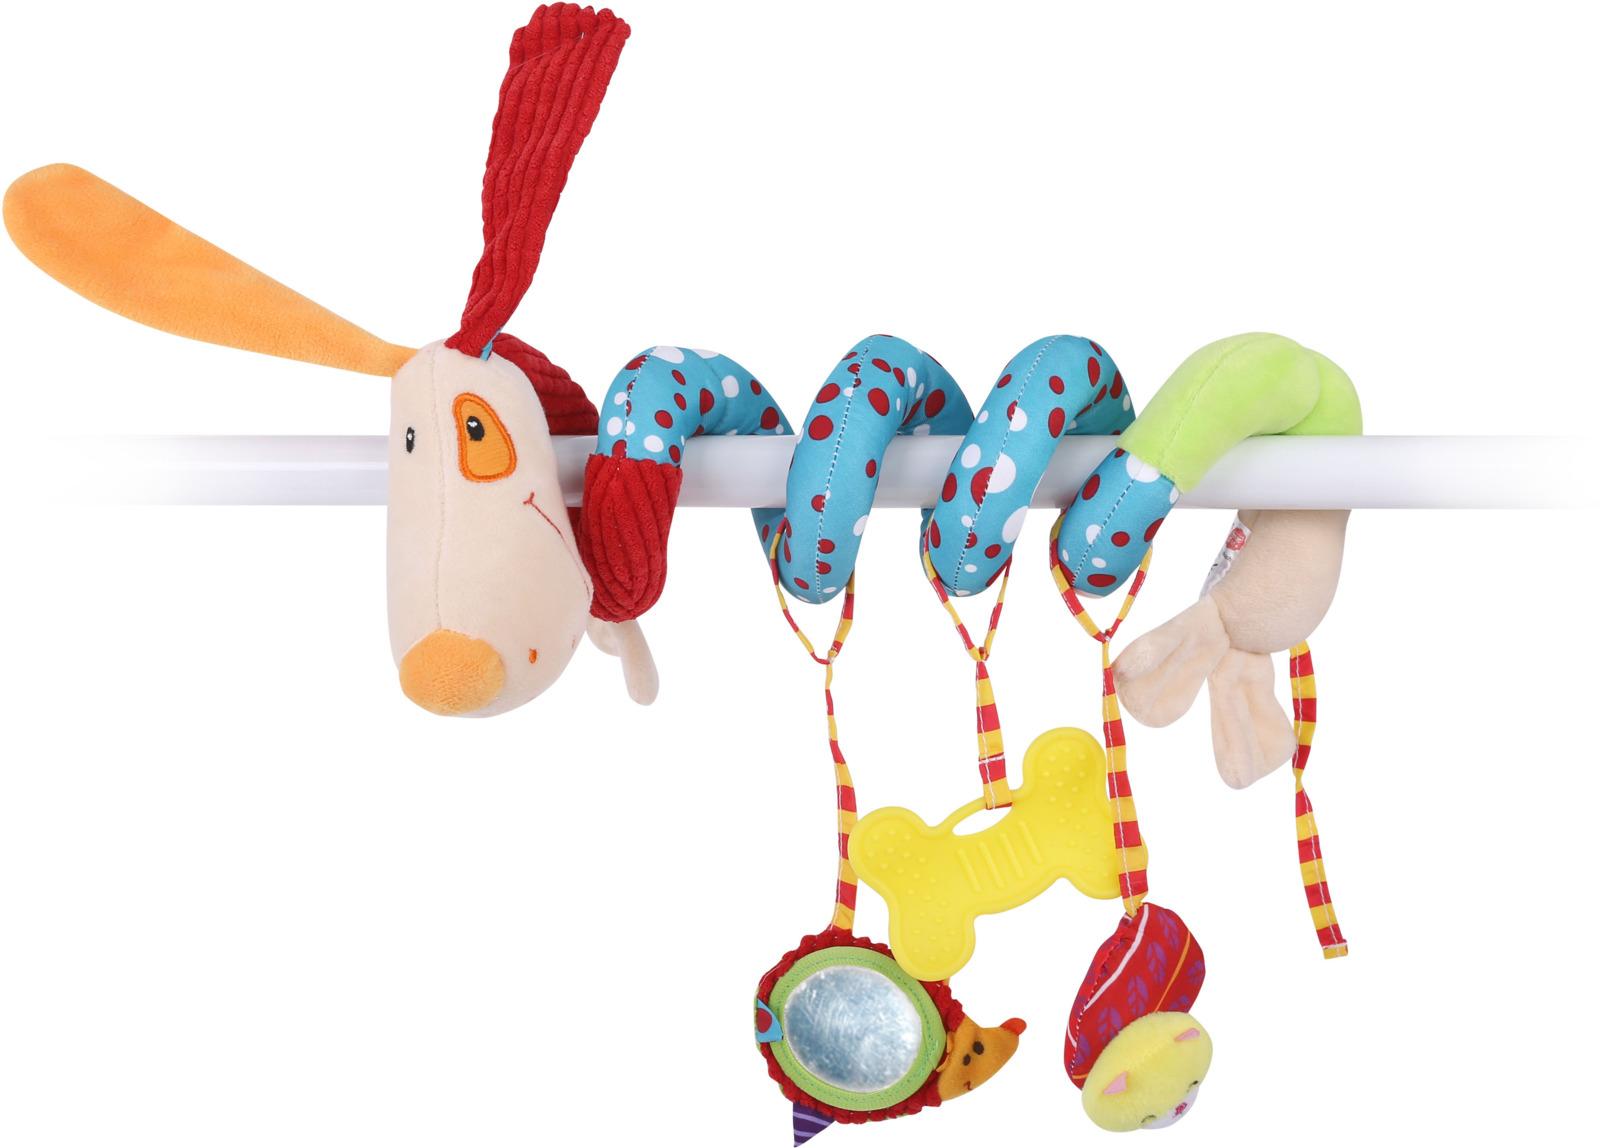 Развивающая игрушка спираль Lorelli Toys Собачка. 10191210002 развивающая игрушка lorelli toys слоник 1019117